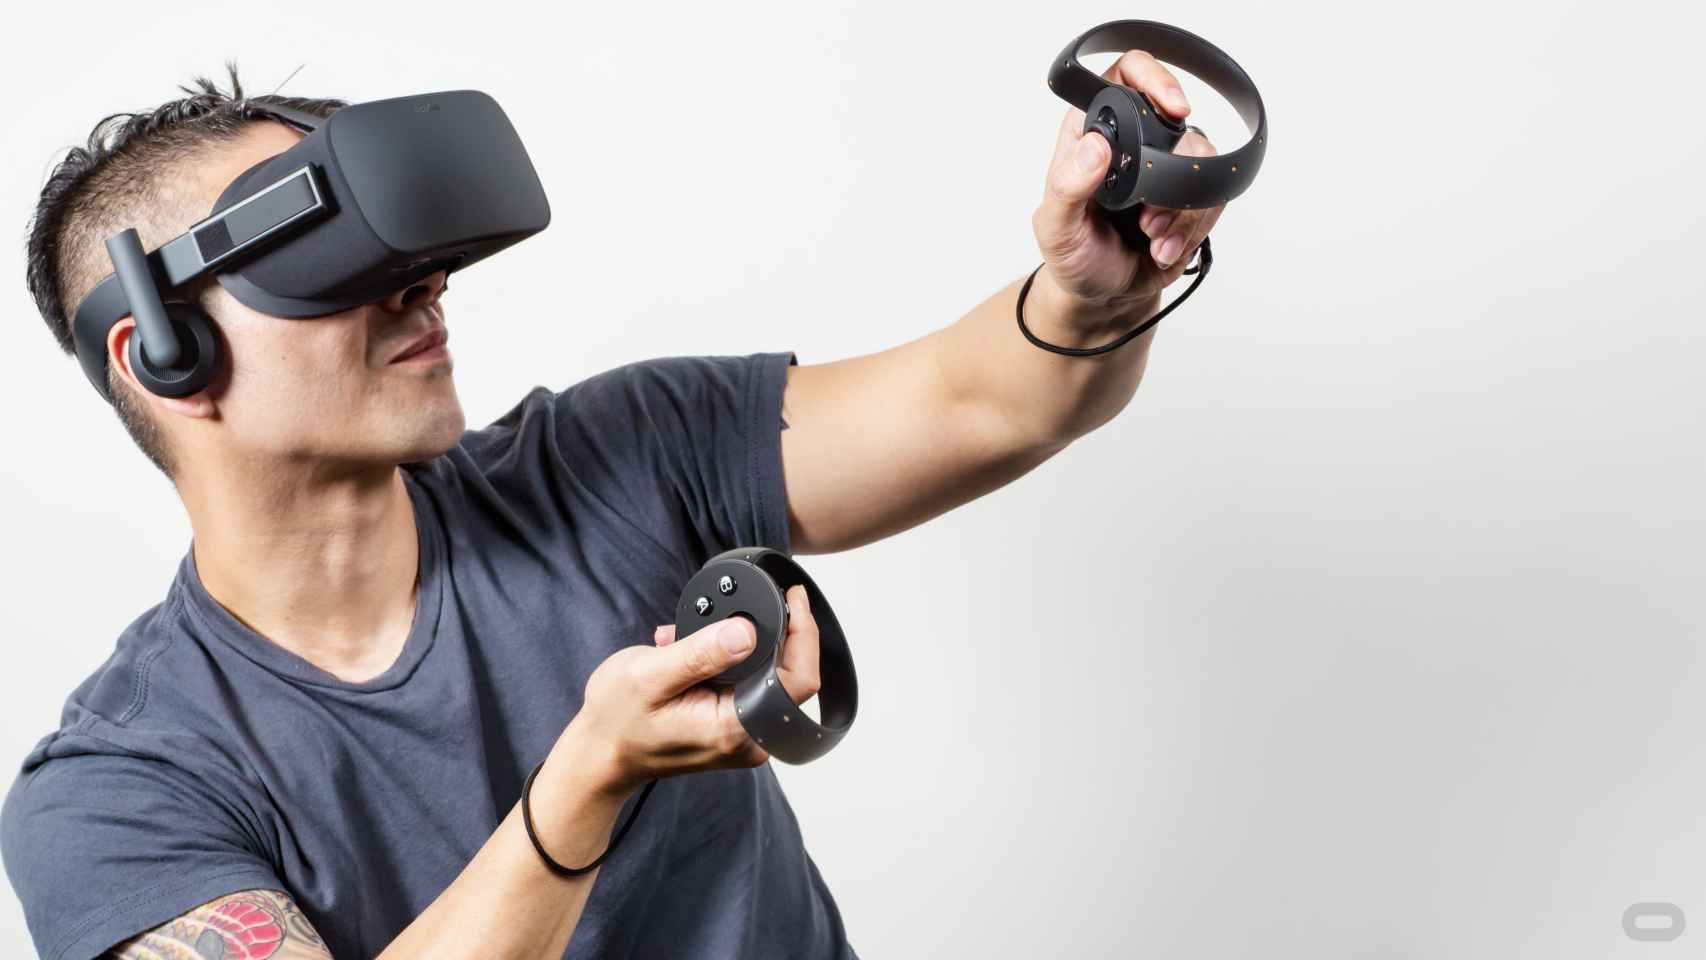 El sistema Oculus Touch prometen más interacción.